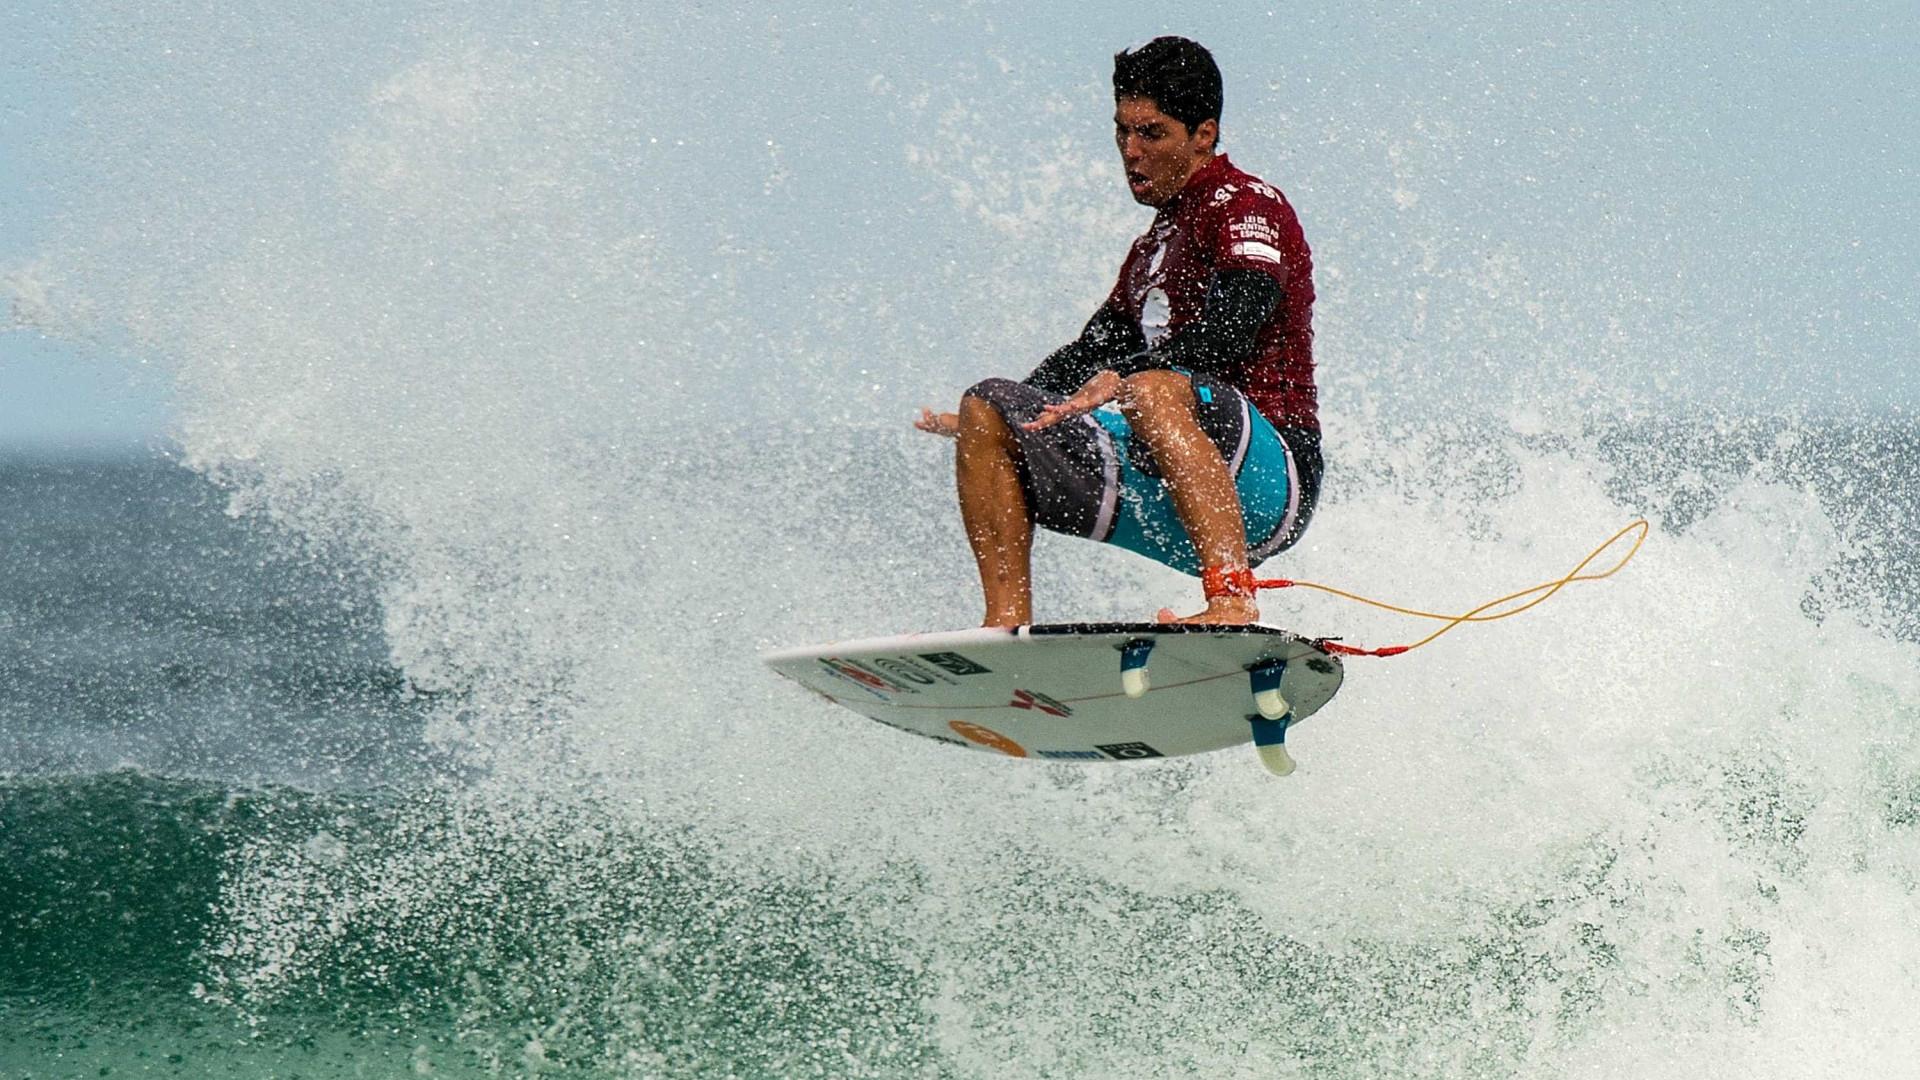 No Havaí, Medina briga para conquistar o bi mundial no surfe